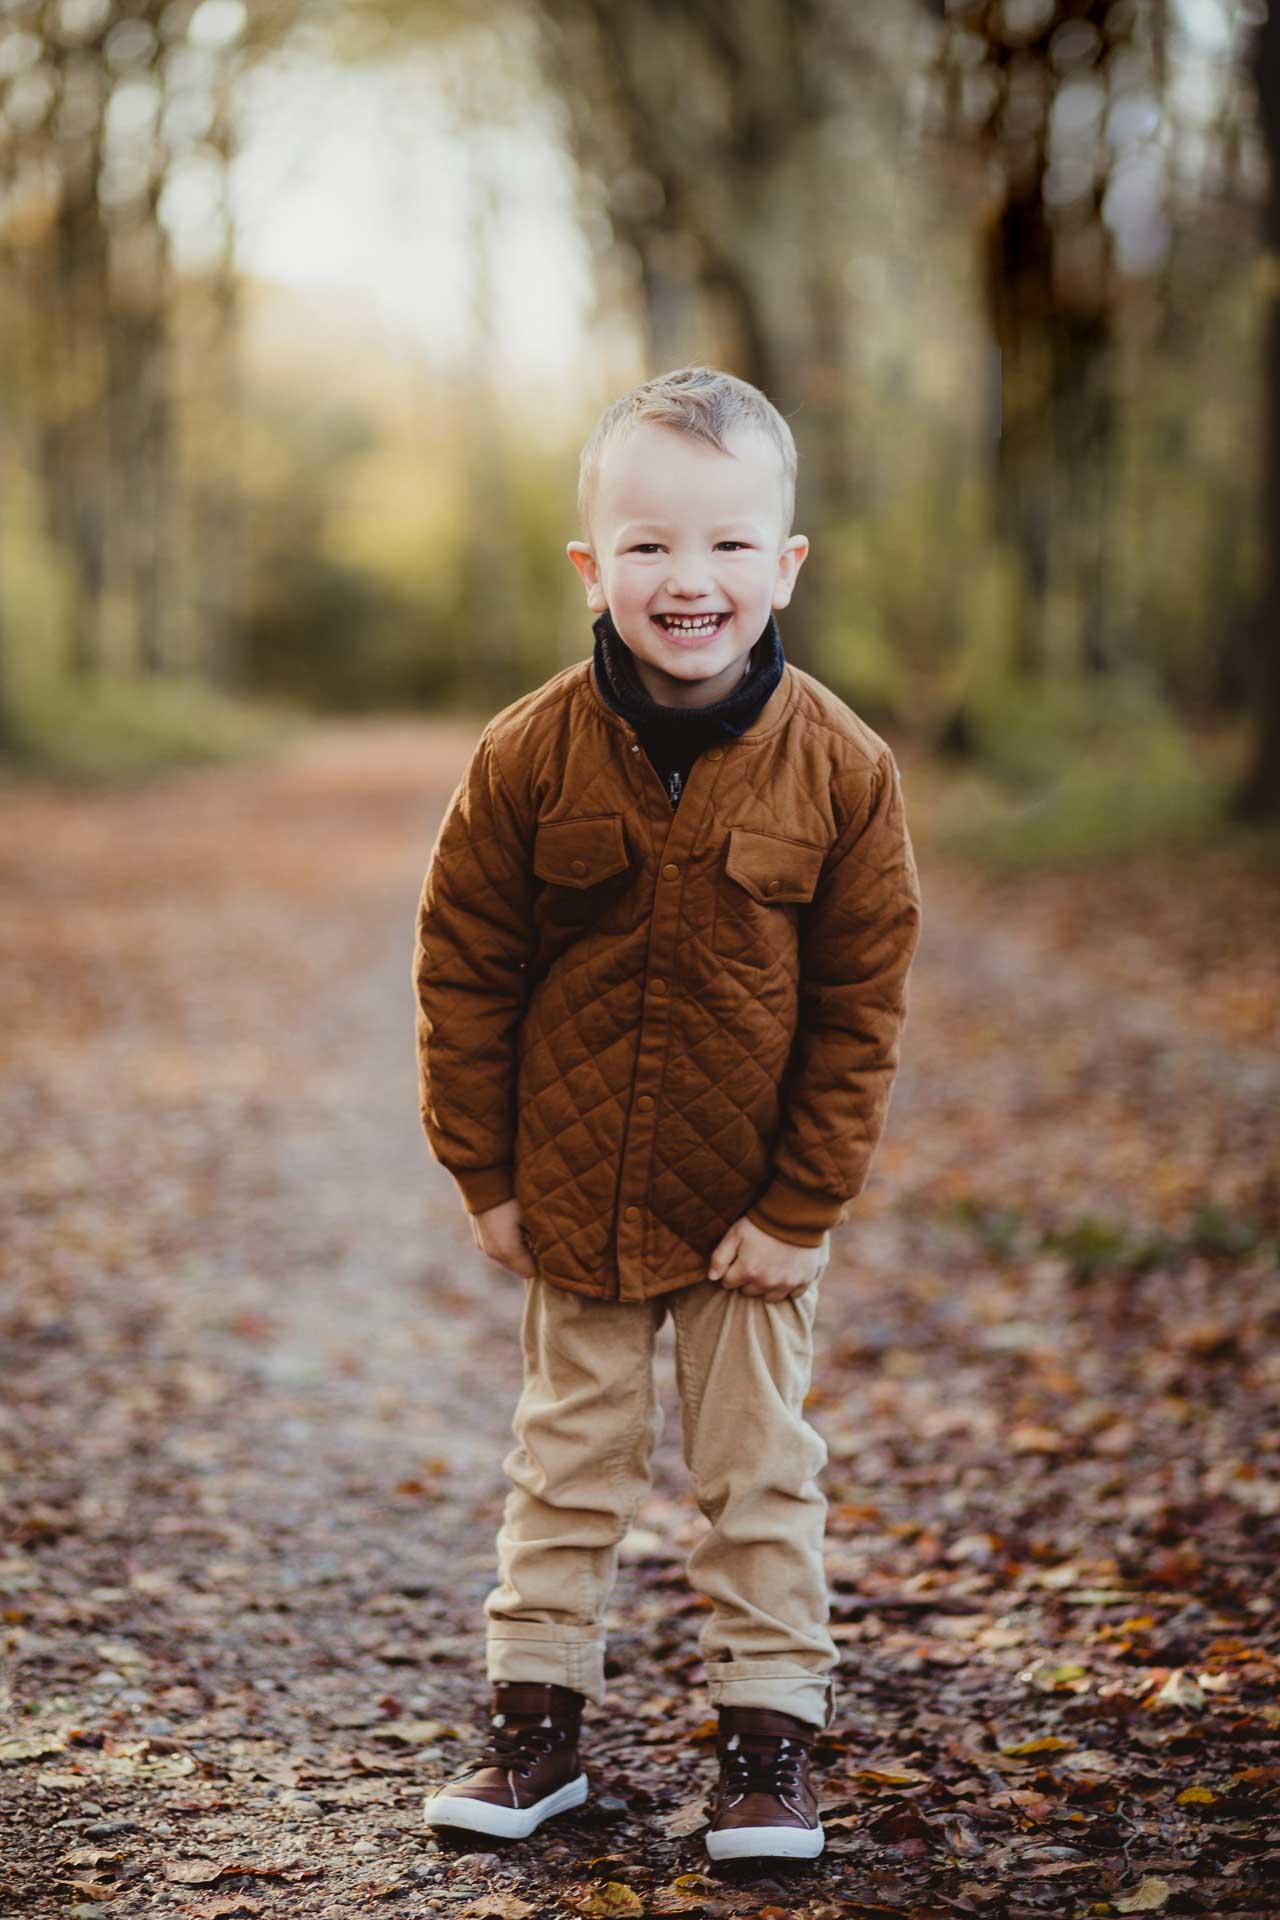 Det er noget helt særligt over at fotografere børn